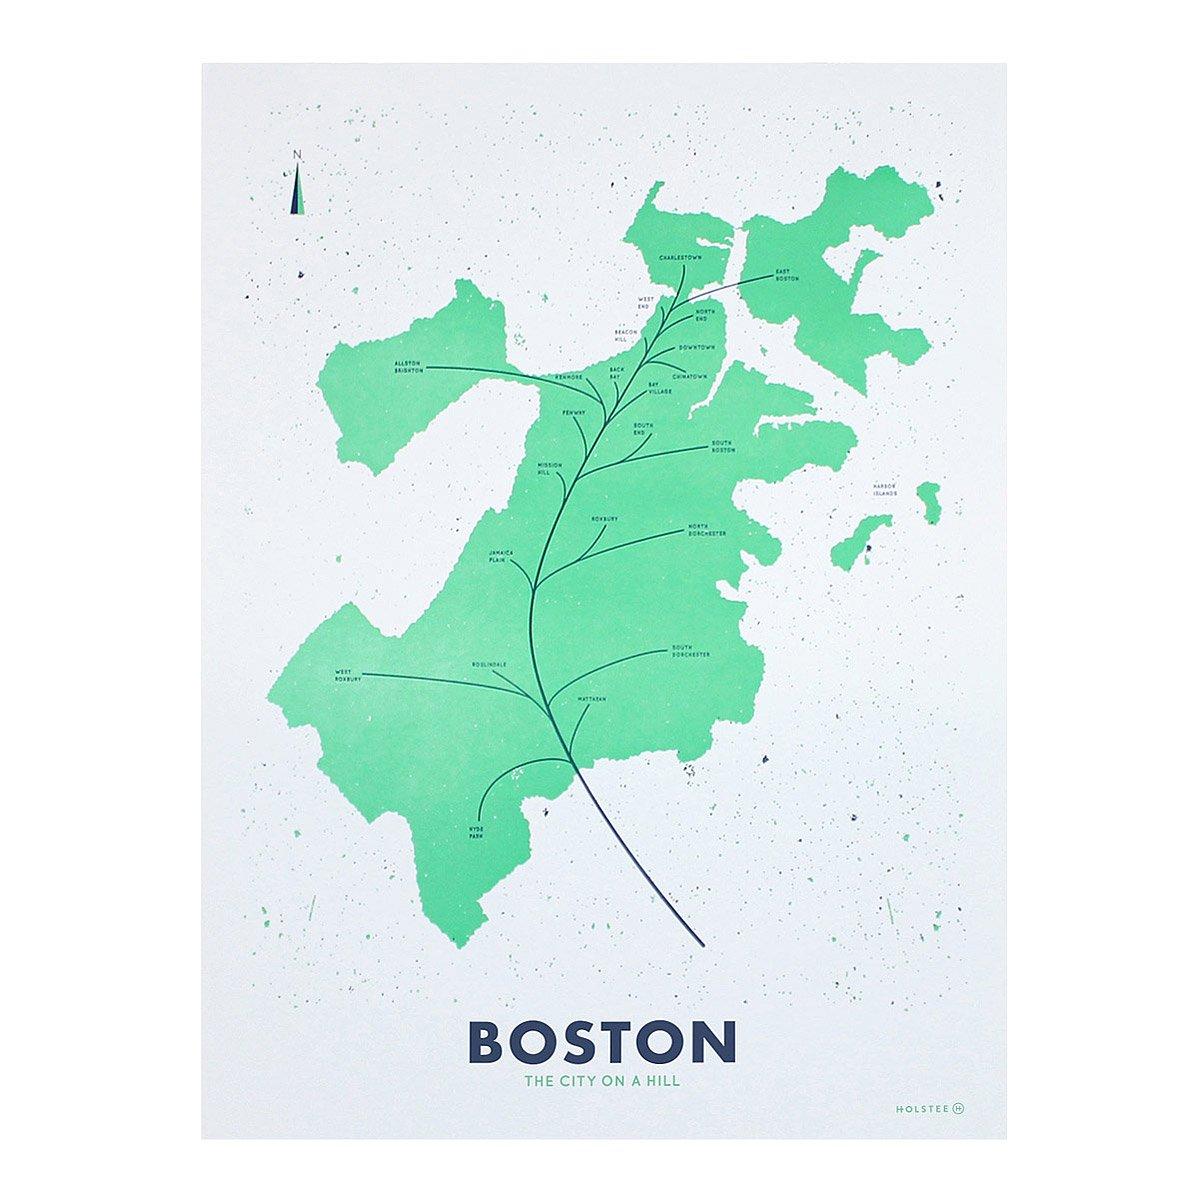 Neighborhood Leaf Maps Letterpress Printing UncommonGoods - Boston neighborhood map